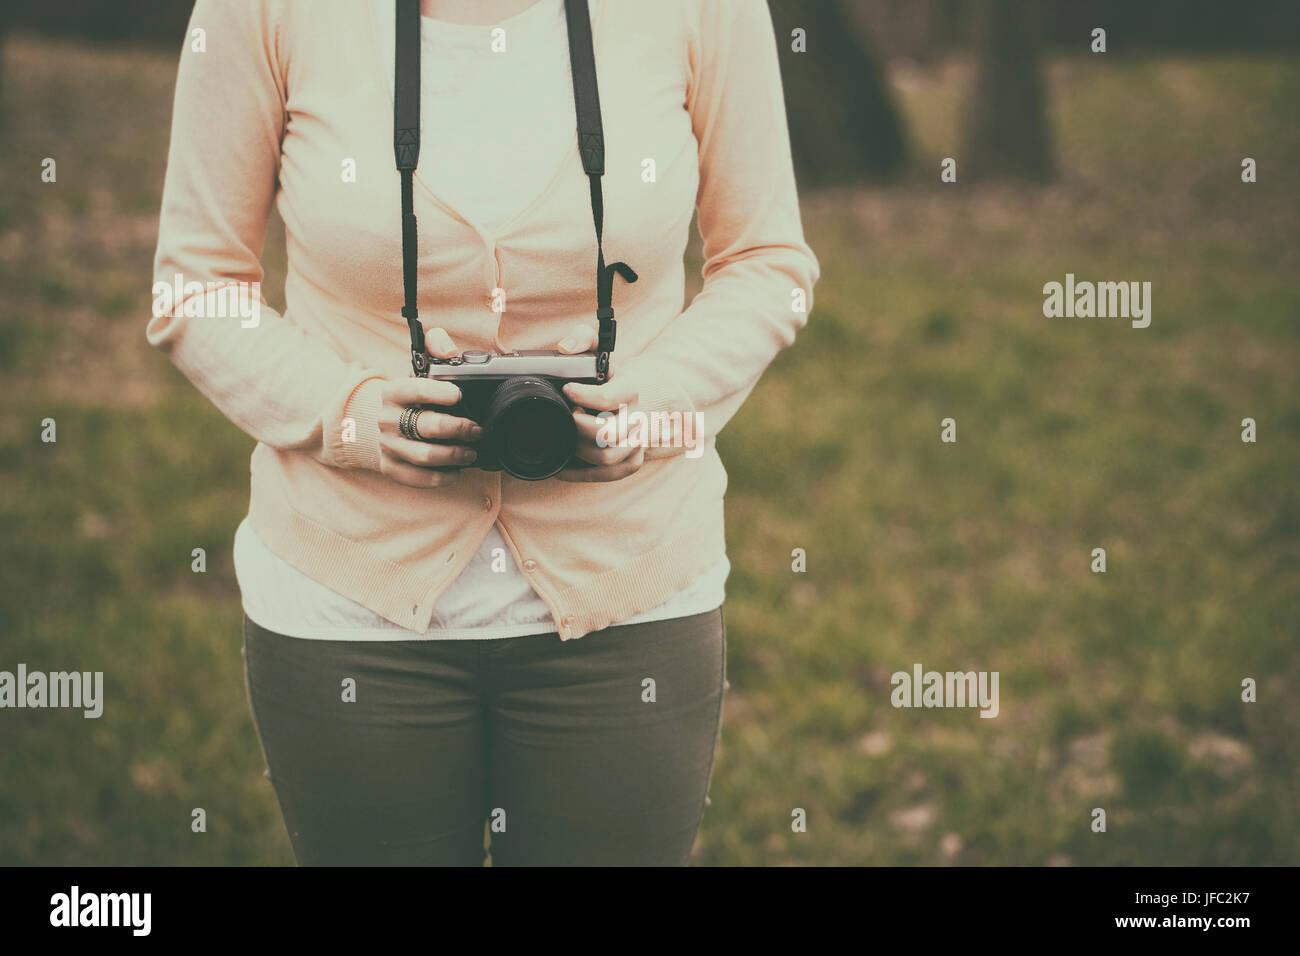 Frau mit einer Retro-Kamera Stockbild